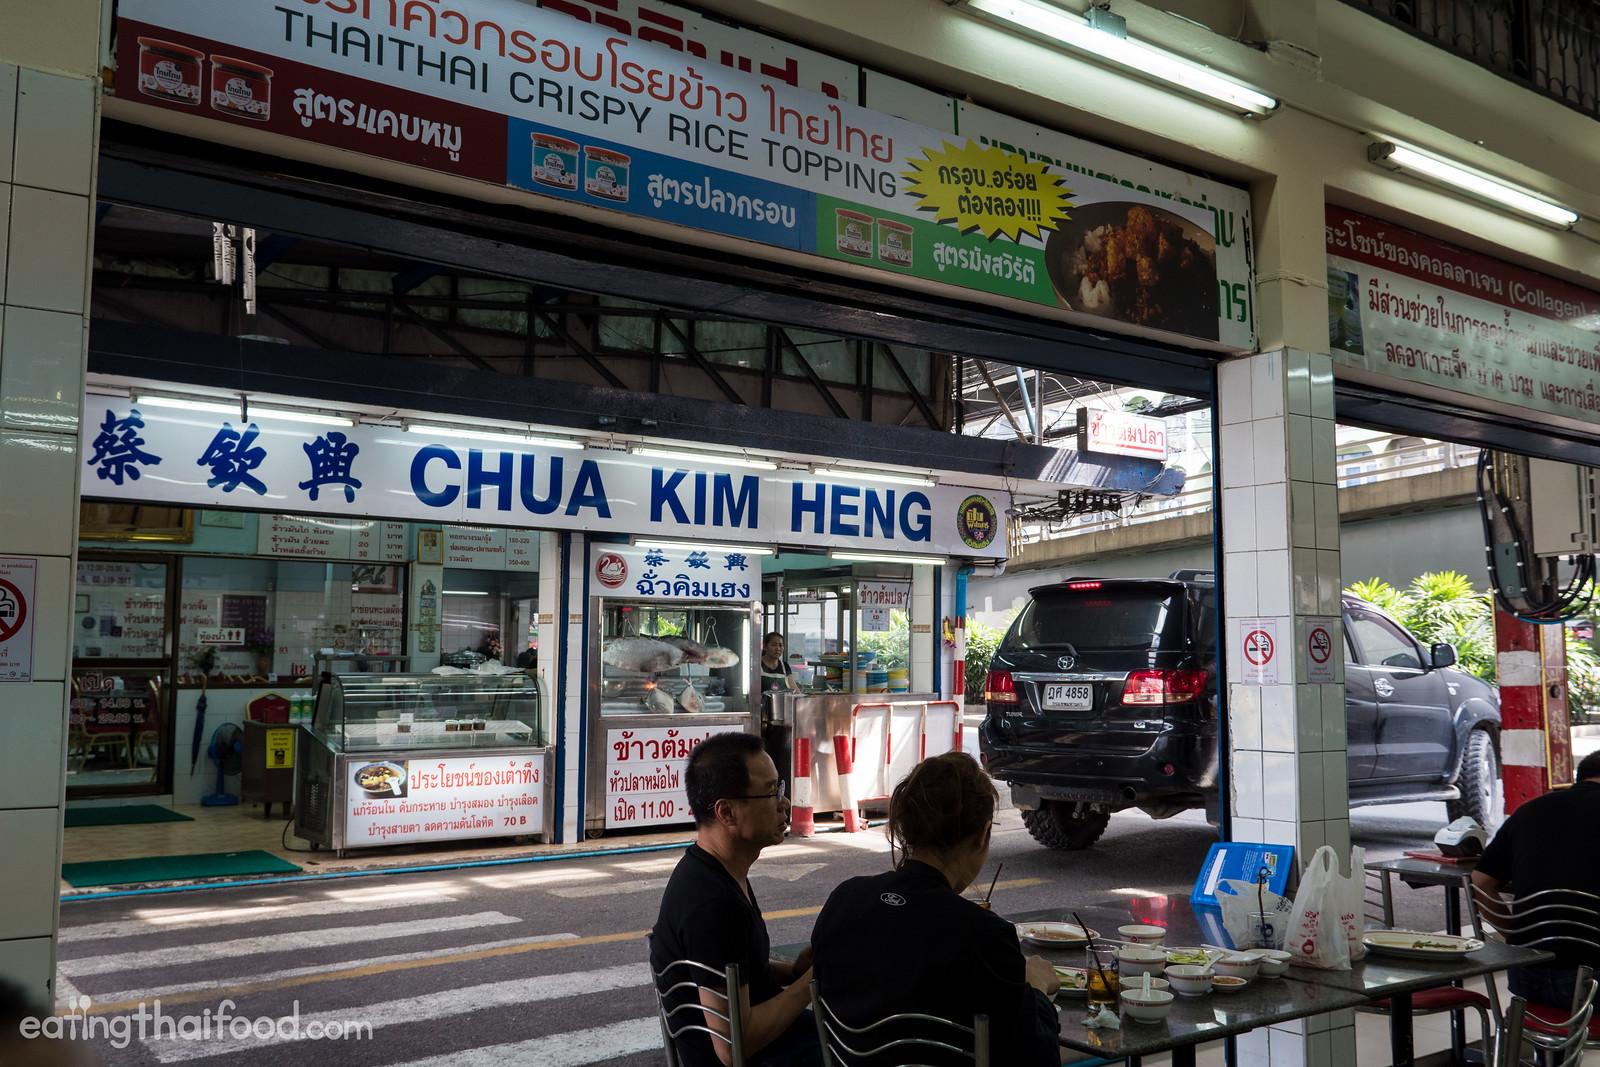 Chua Kim Heng (ร้านฉั่วคิมเฮง)